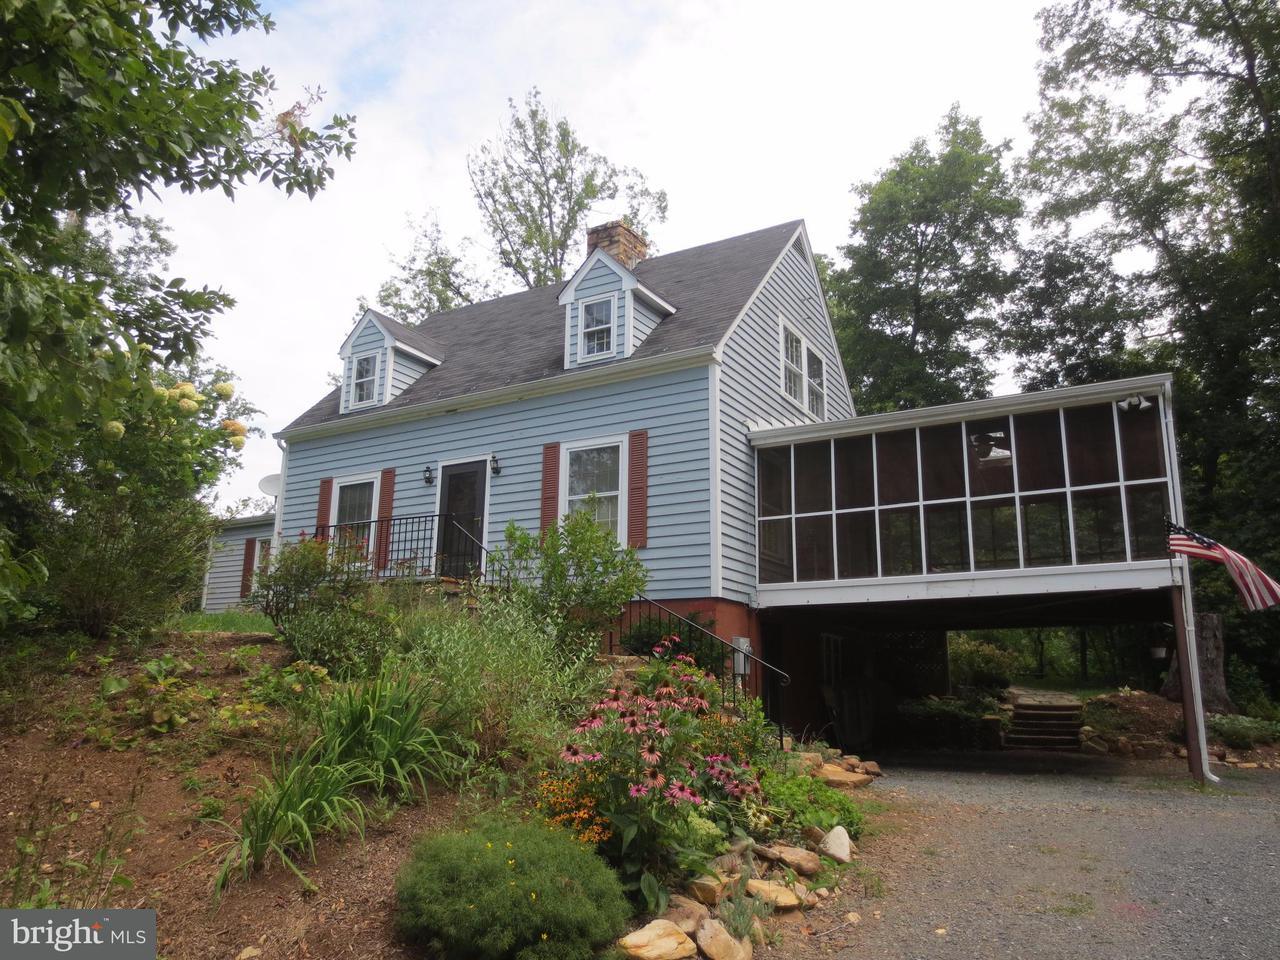 一戸建て のために 売買 アット 5515 BEVERLEYS MILL Road 5515 BEVERLEYS MILL Road Broad Run, バージニア 20137 アメリカ合衆国